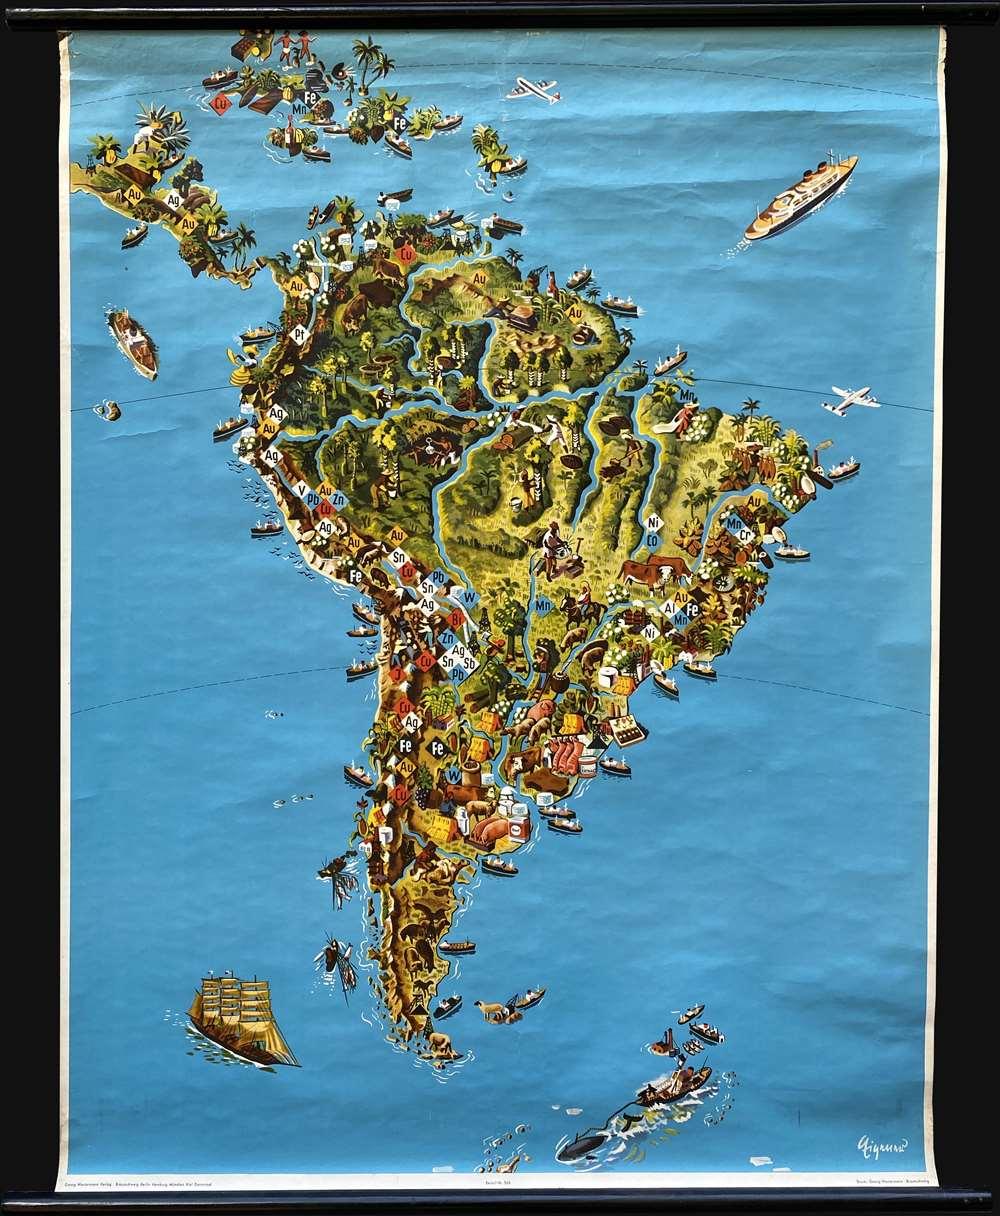 [Südamerika]. - Main View